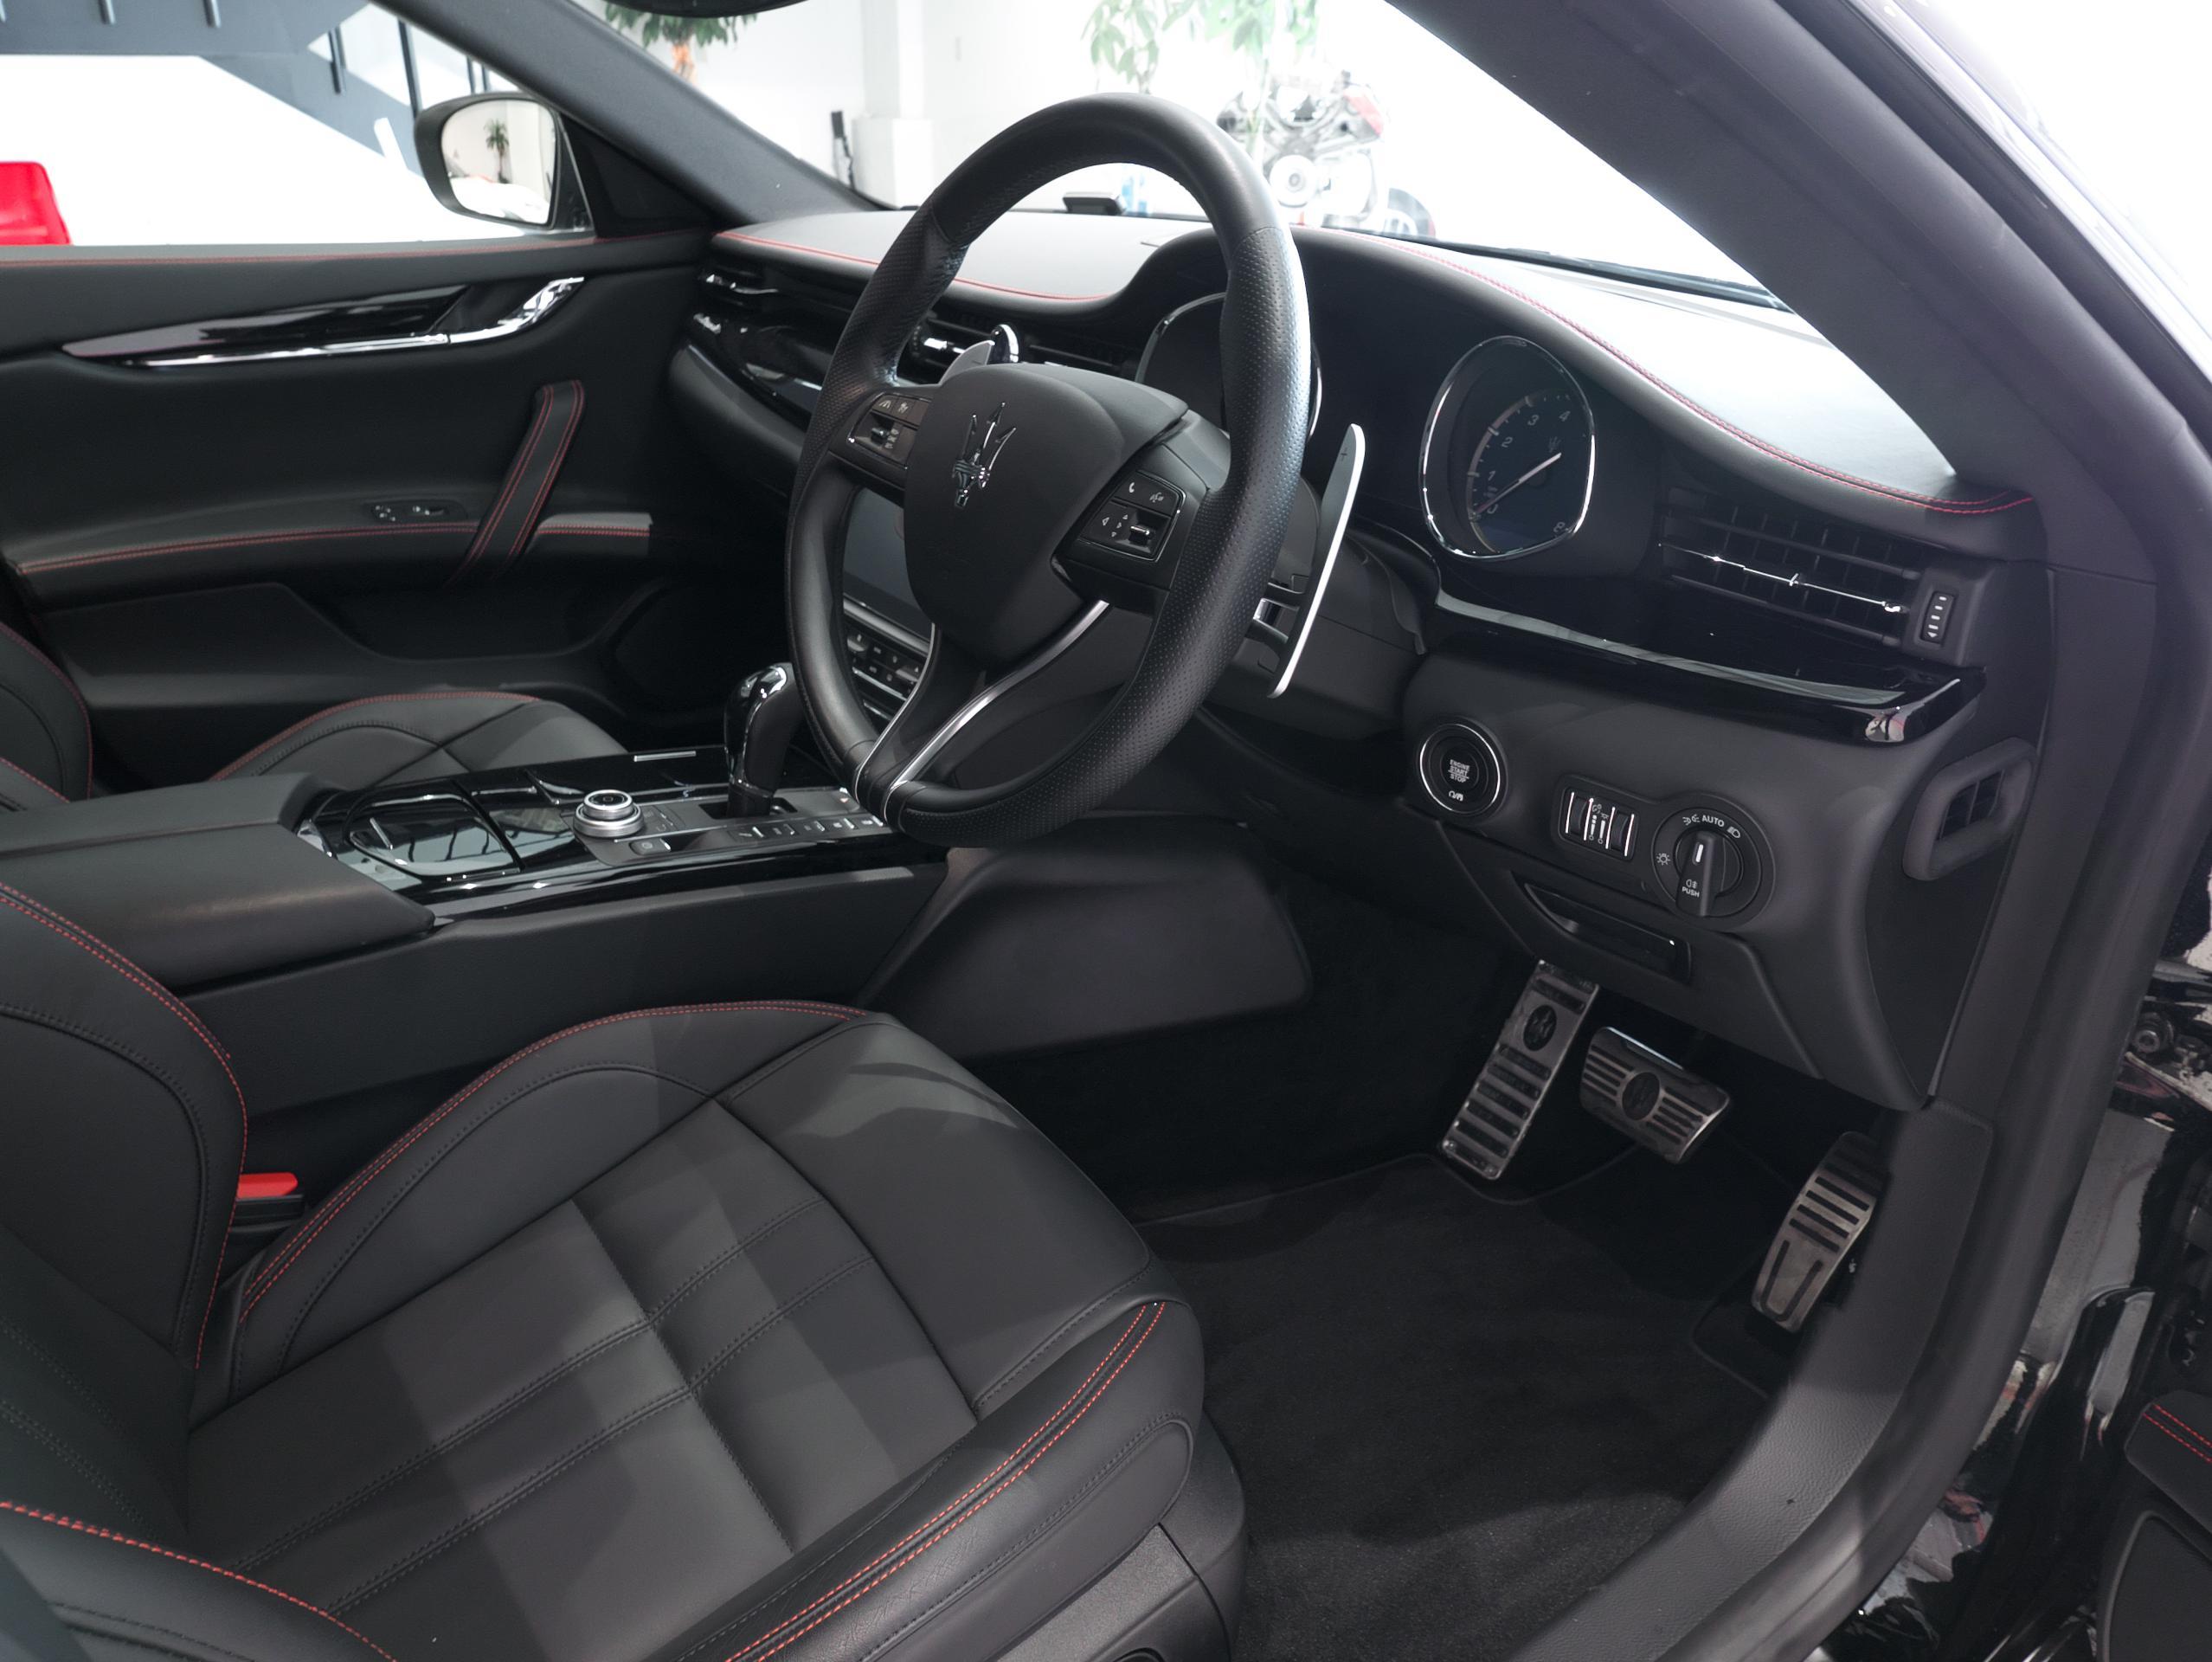 マセラティ クアトロポルテ S グランスポーツ 運転席シート